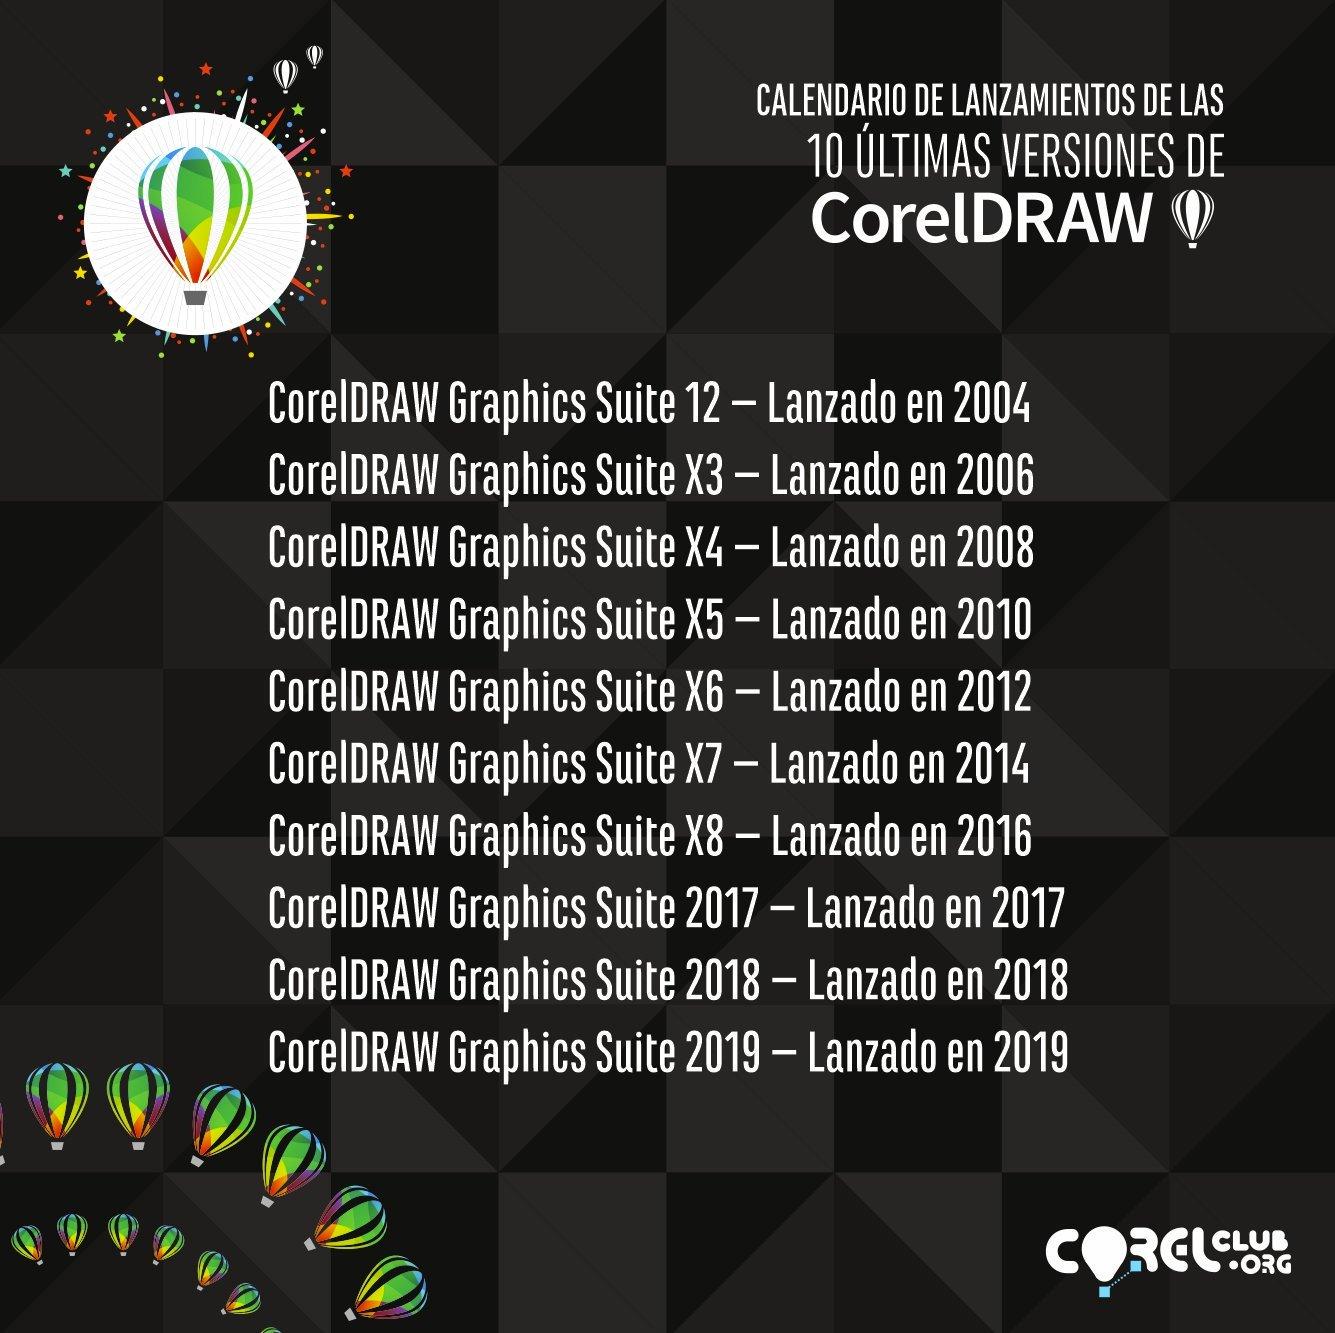 Calendario de lanzamientos de CorelDRAW